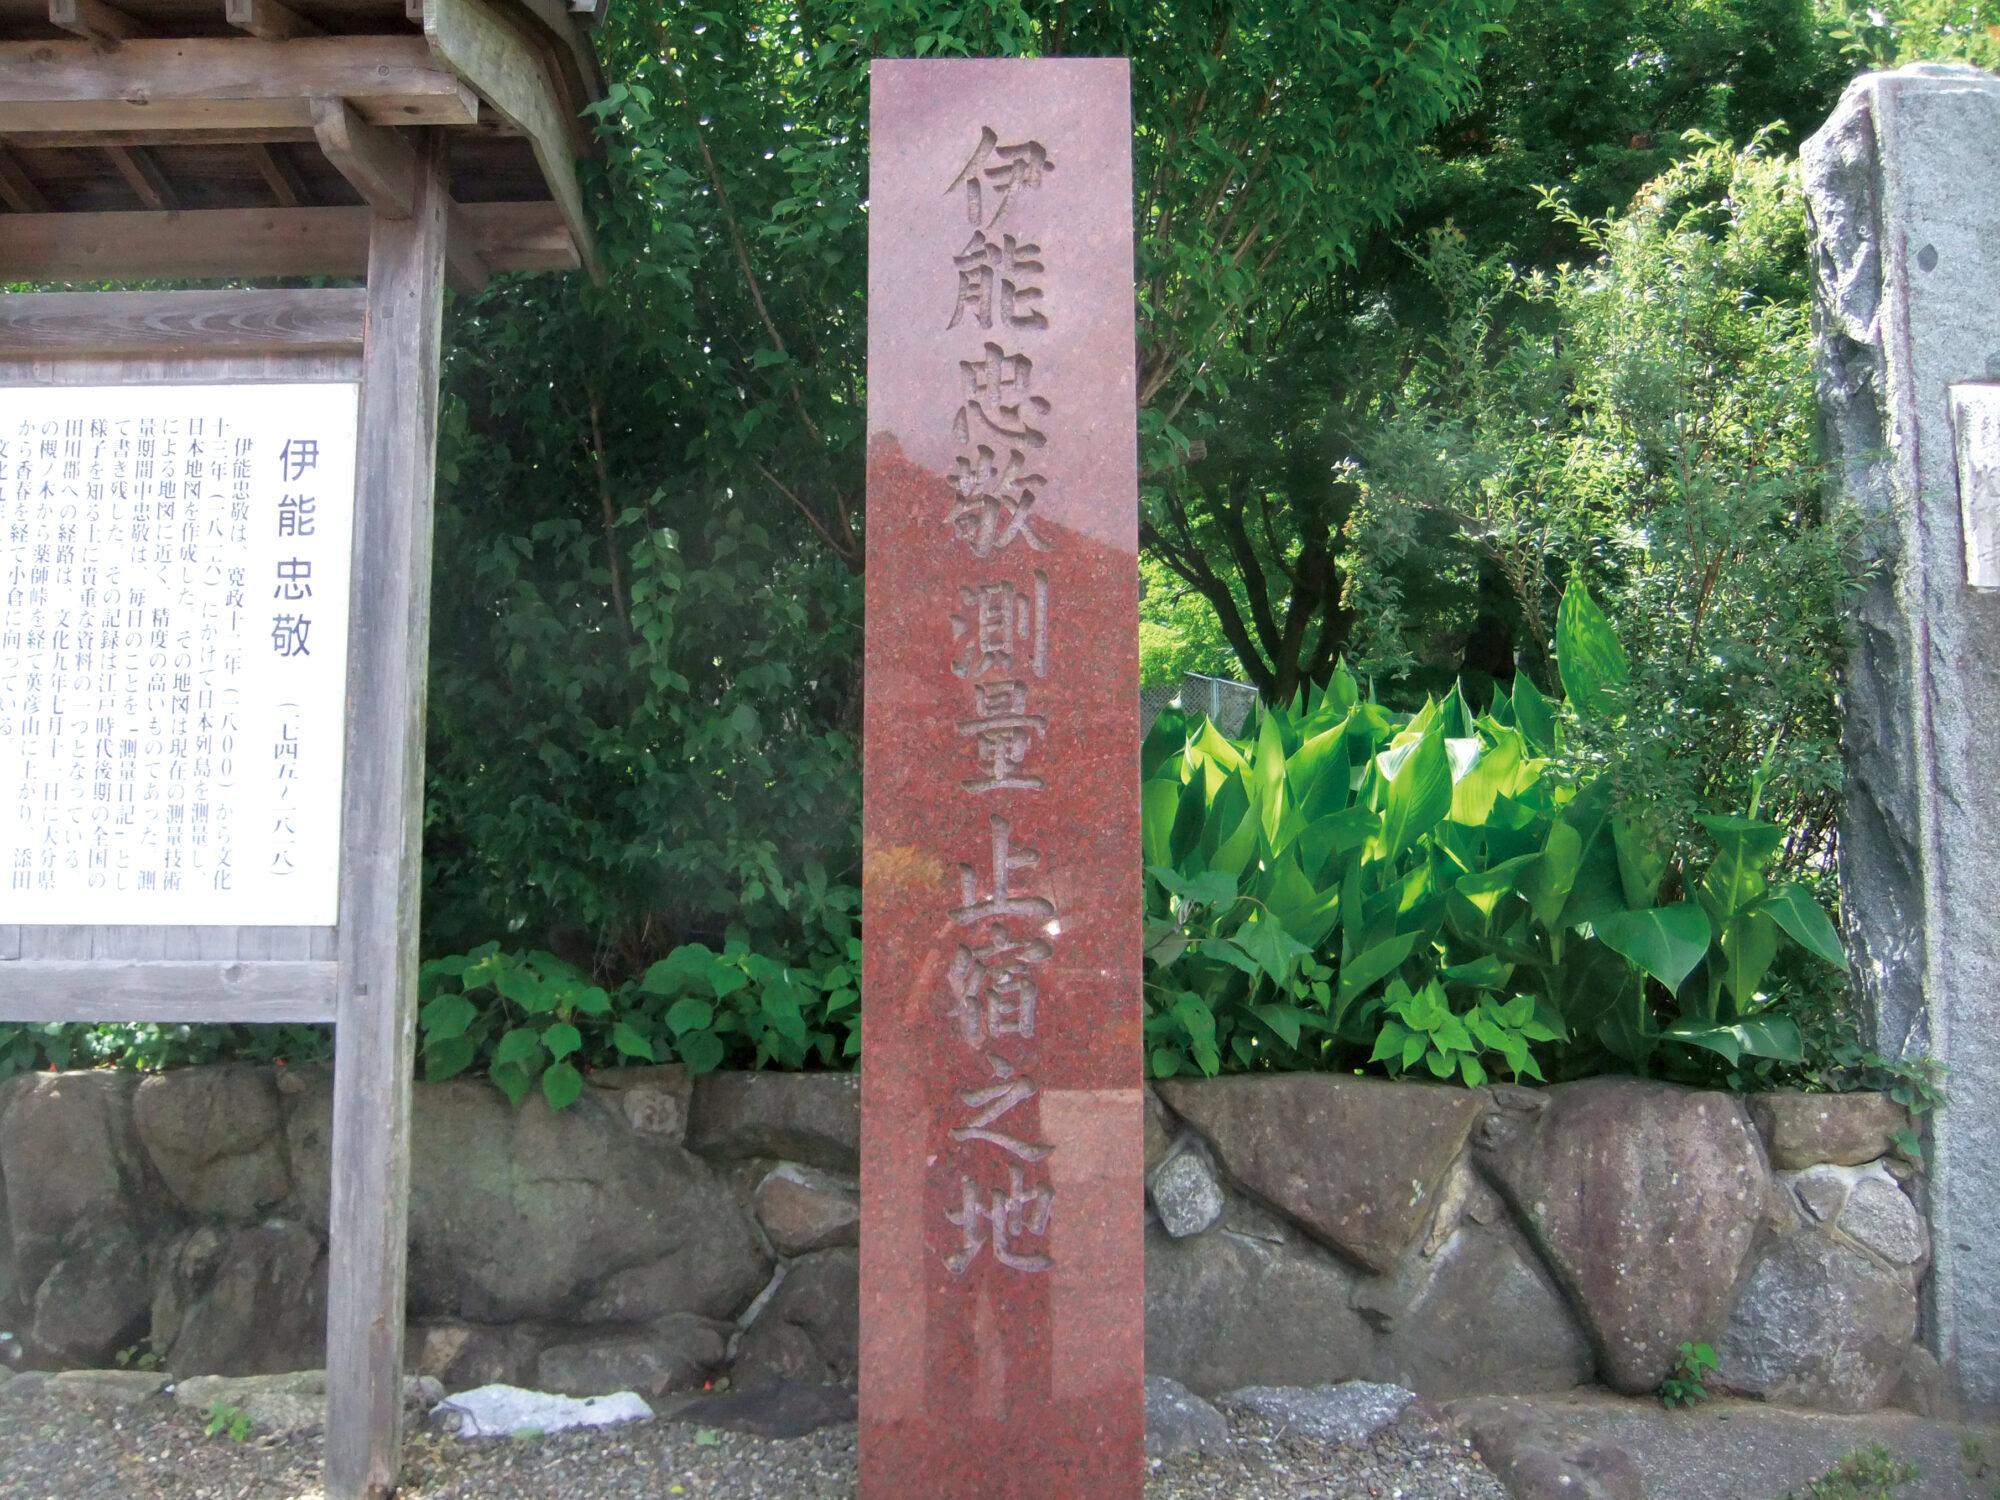 伊能忠敬宿泊の碑